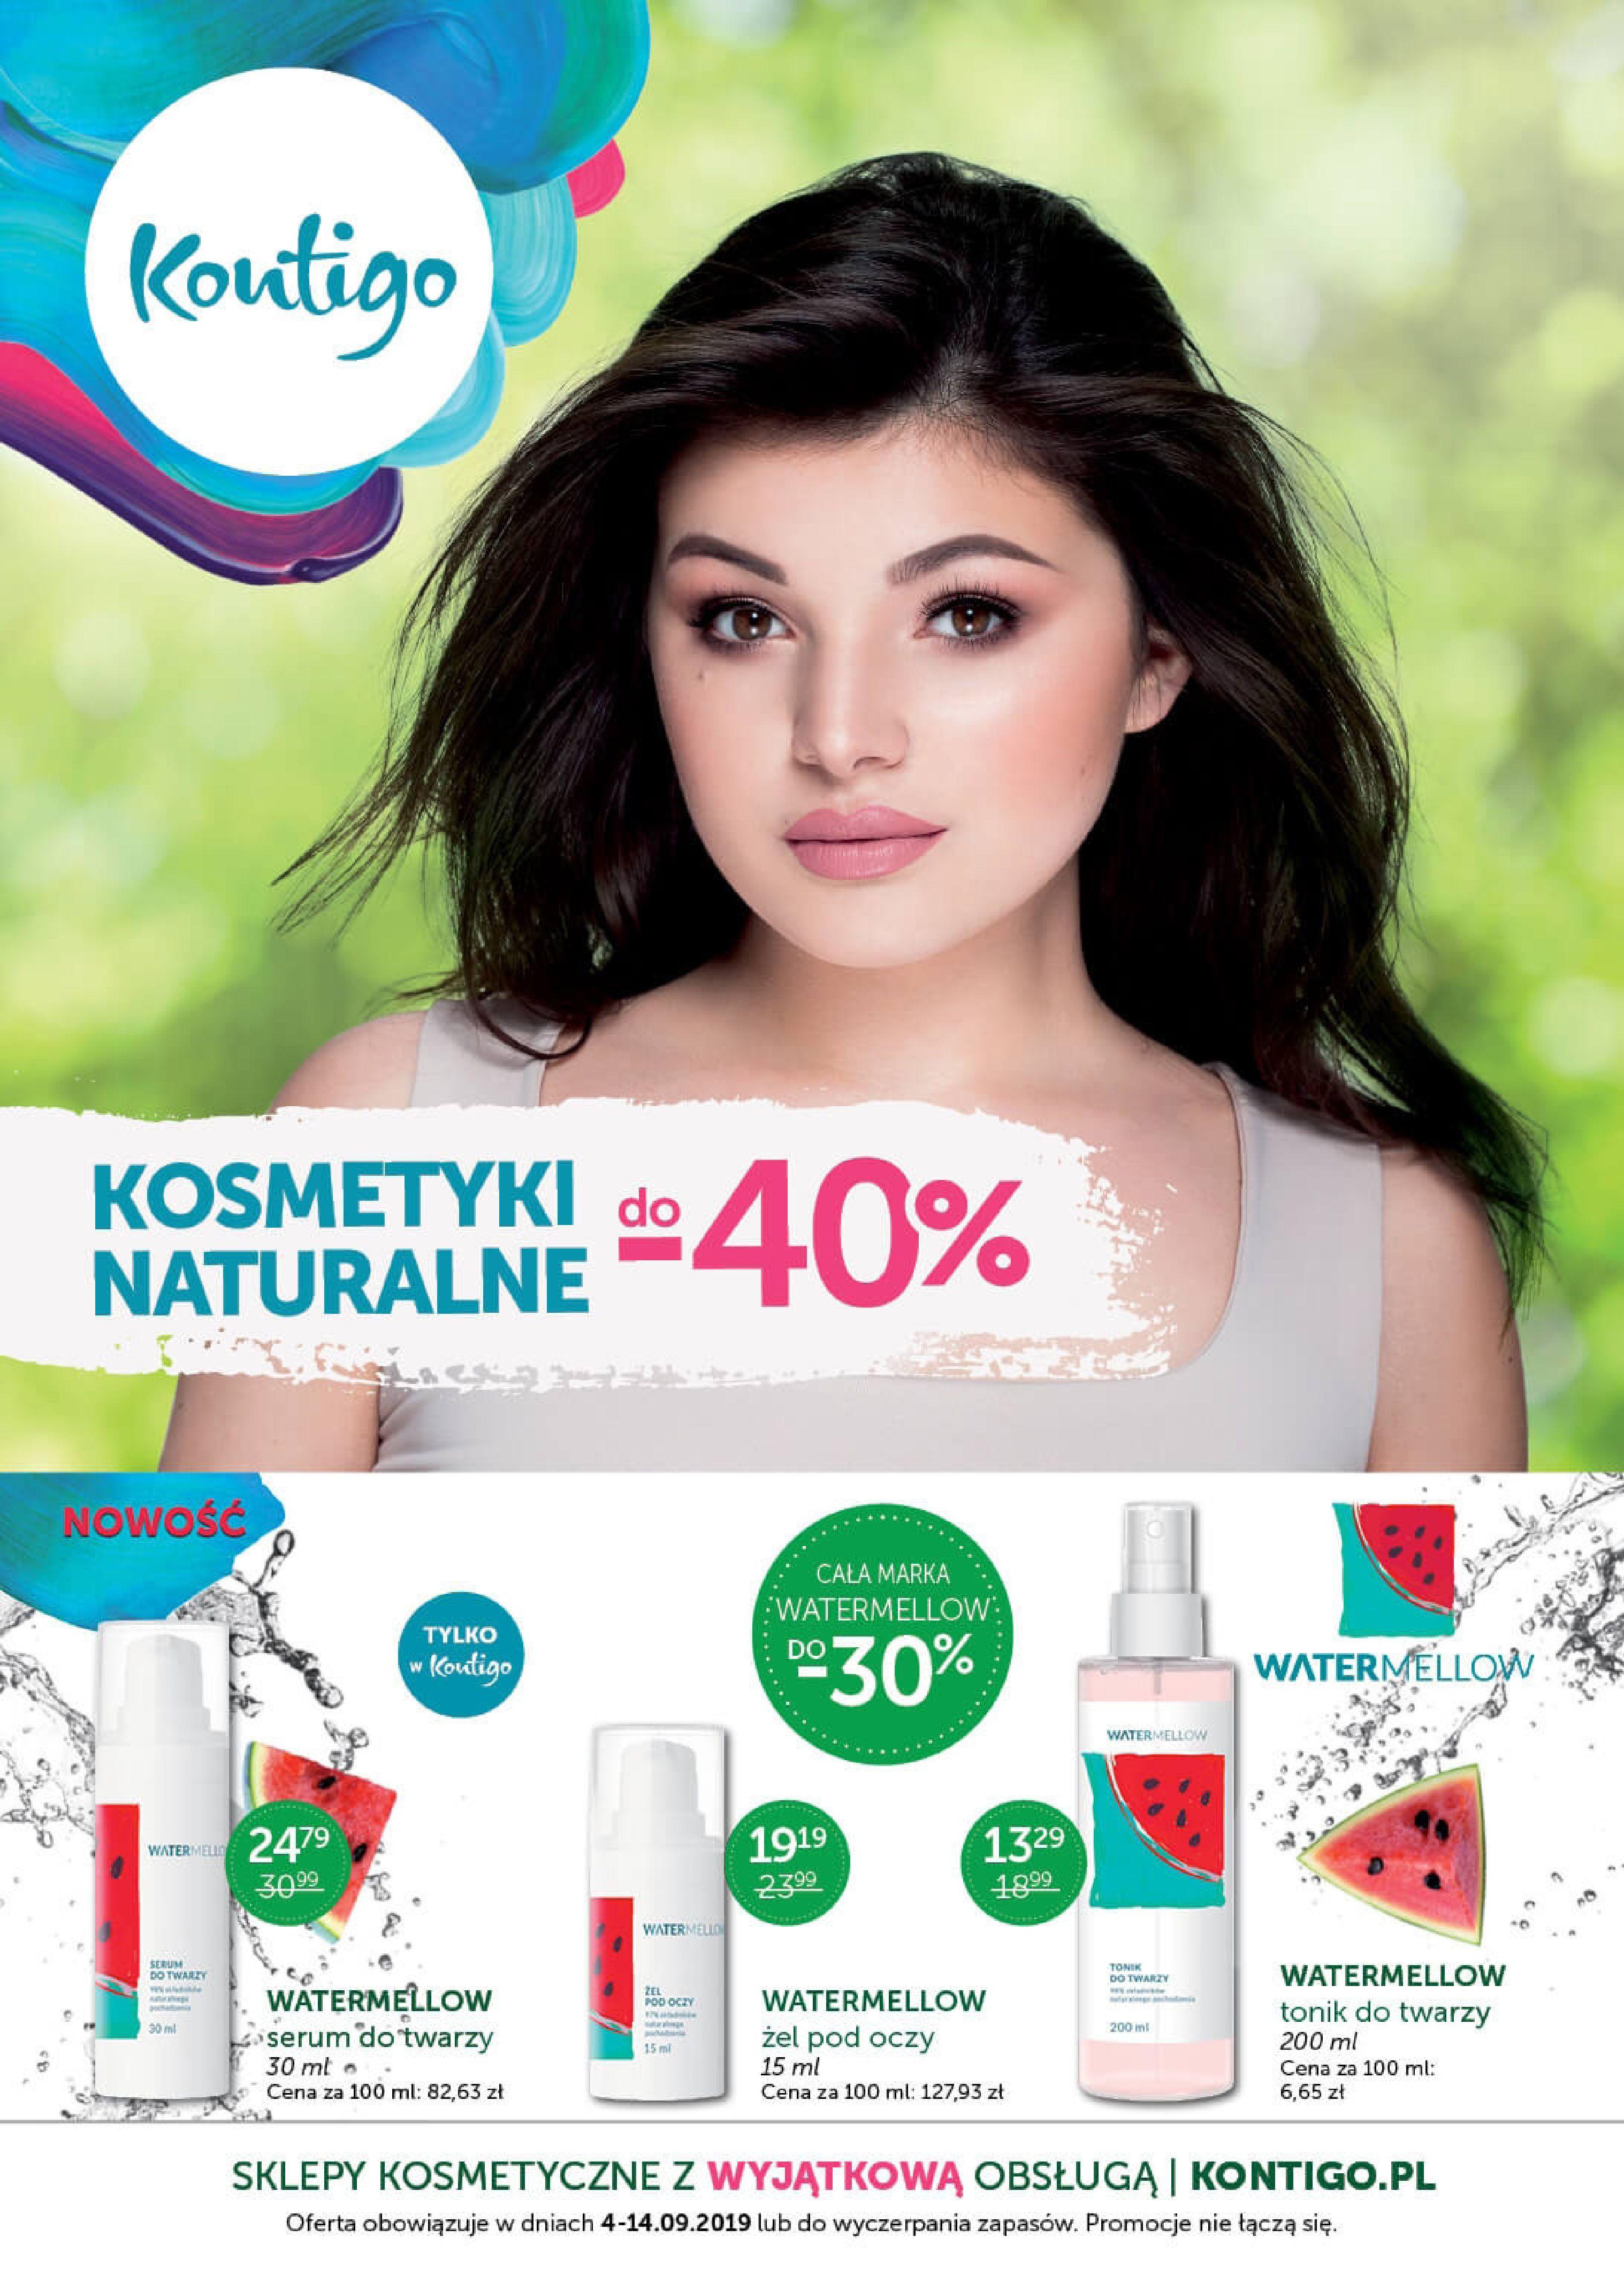 Gazetka Kontigo - Oferta na kosmetyki-03.09.2019-14.09.2019-page-